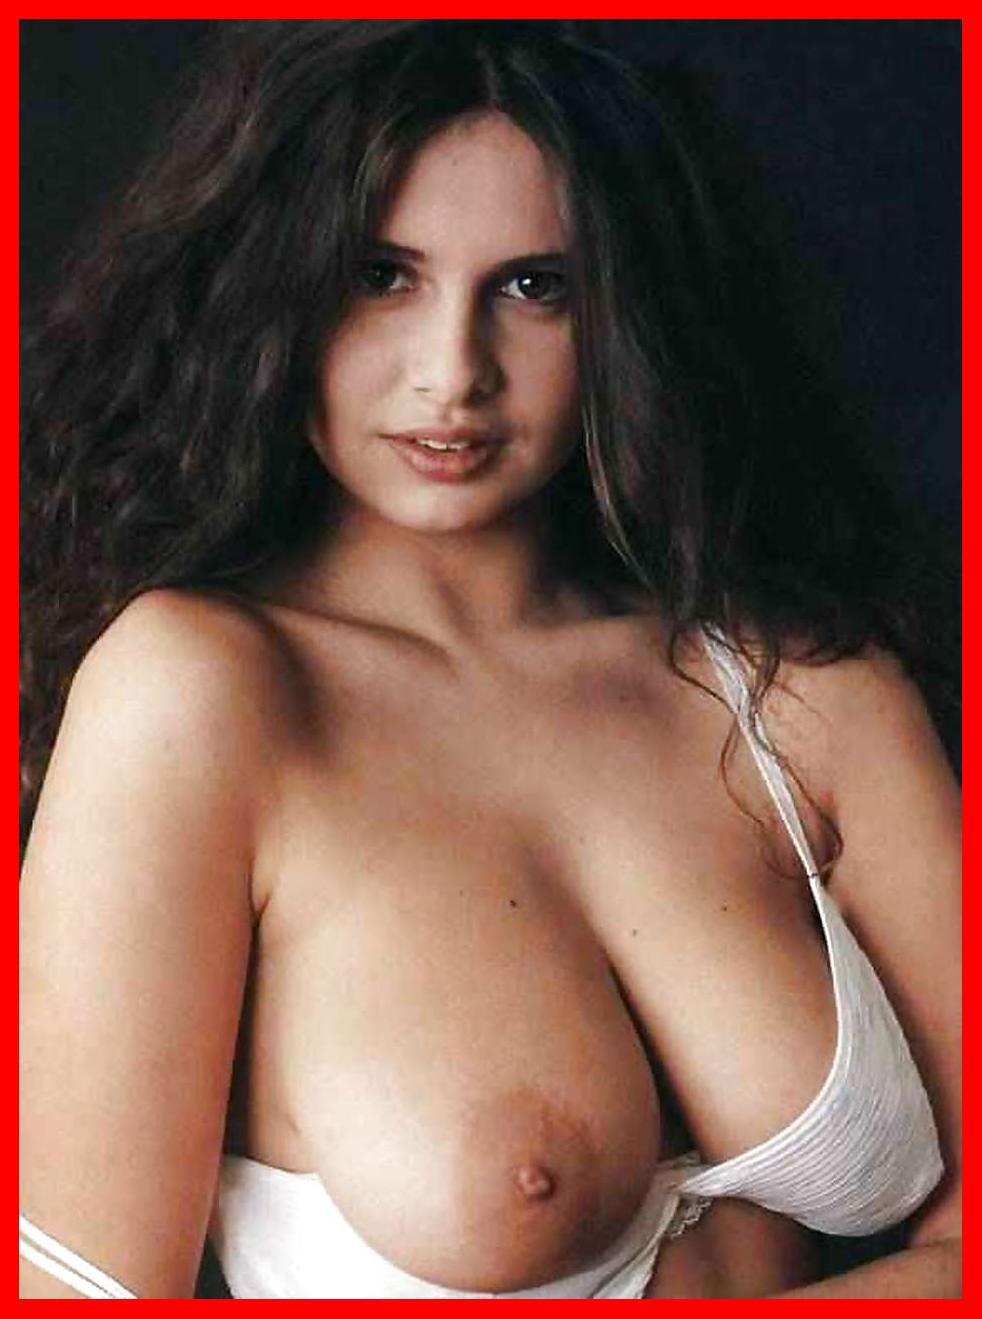 итальянские актрисы голые